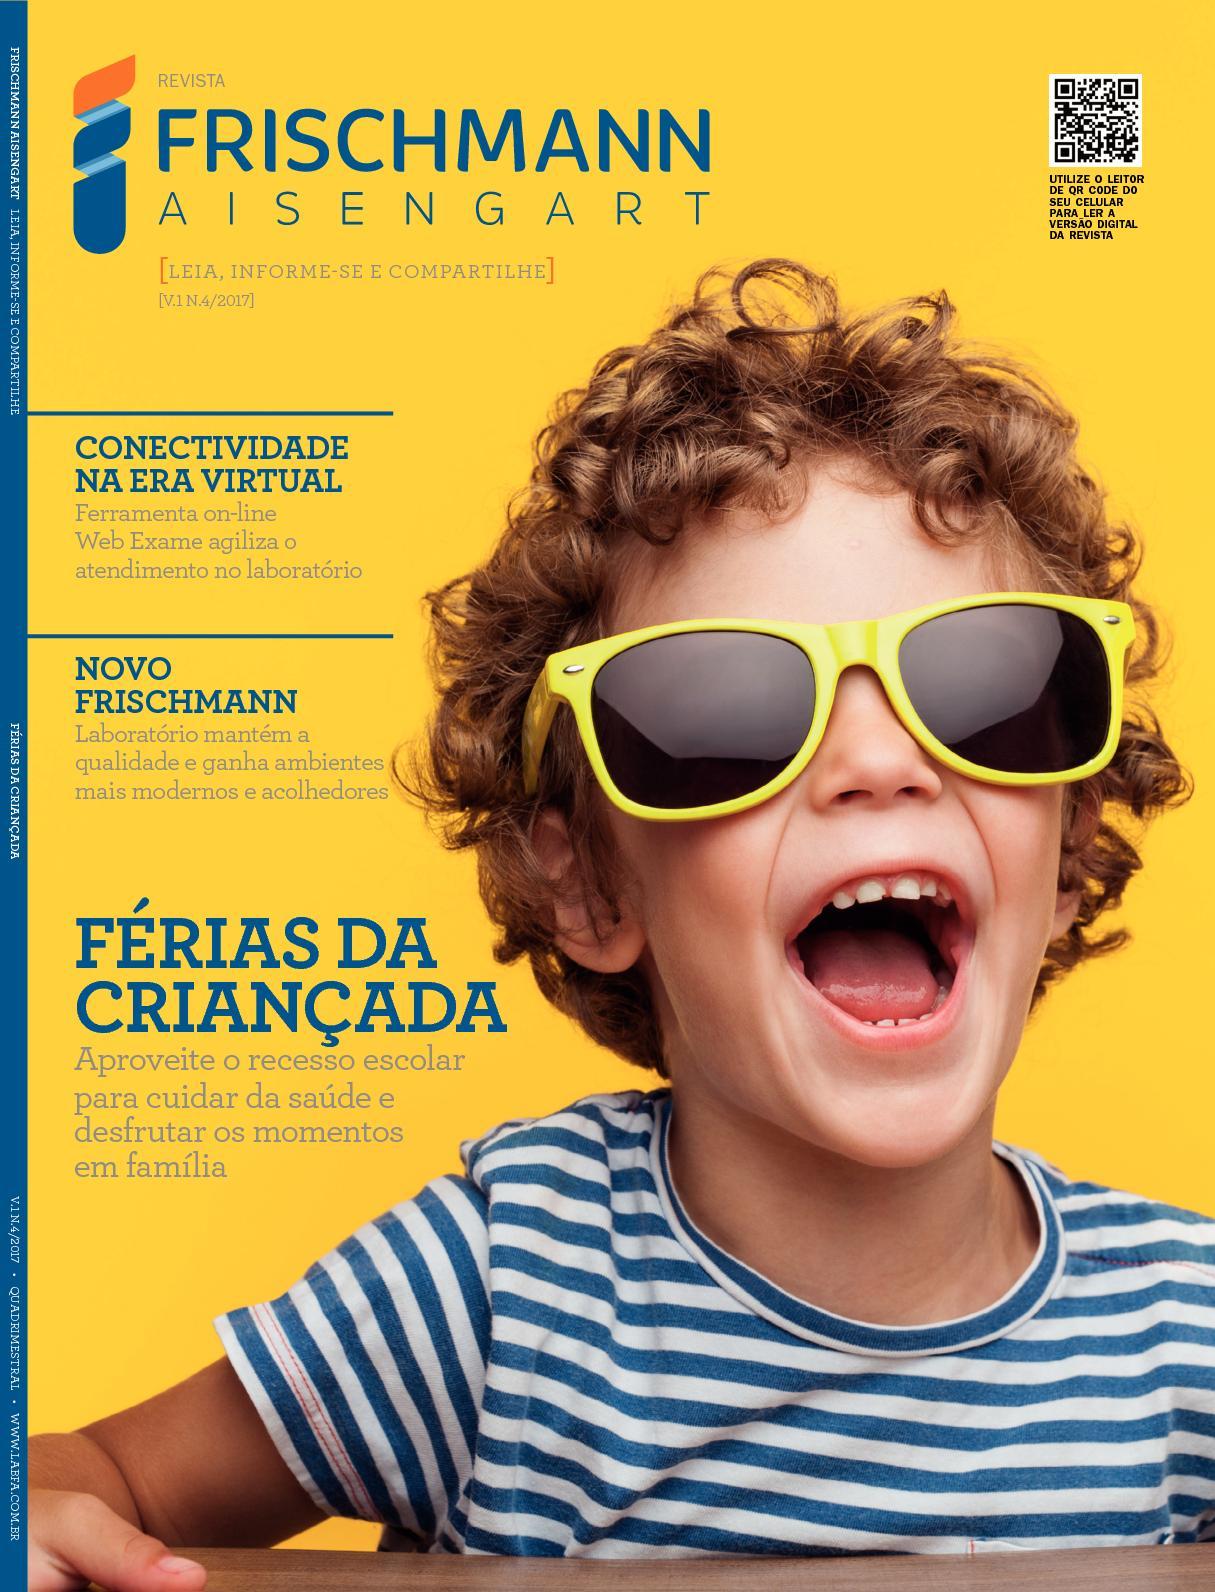 f45805a2b Calaméo - Revista Frischmann 4ª edição